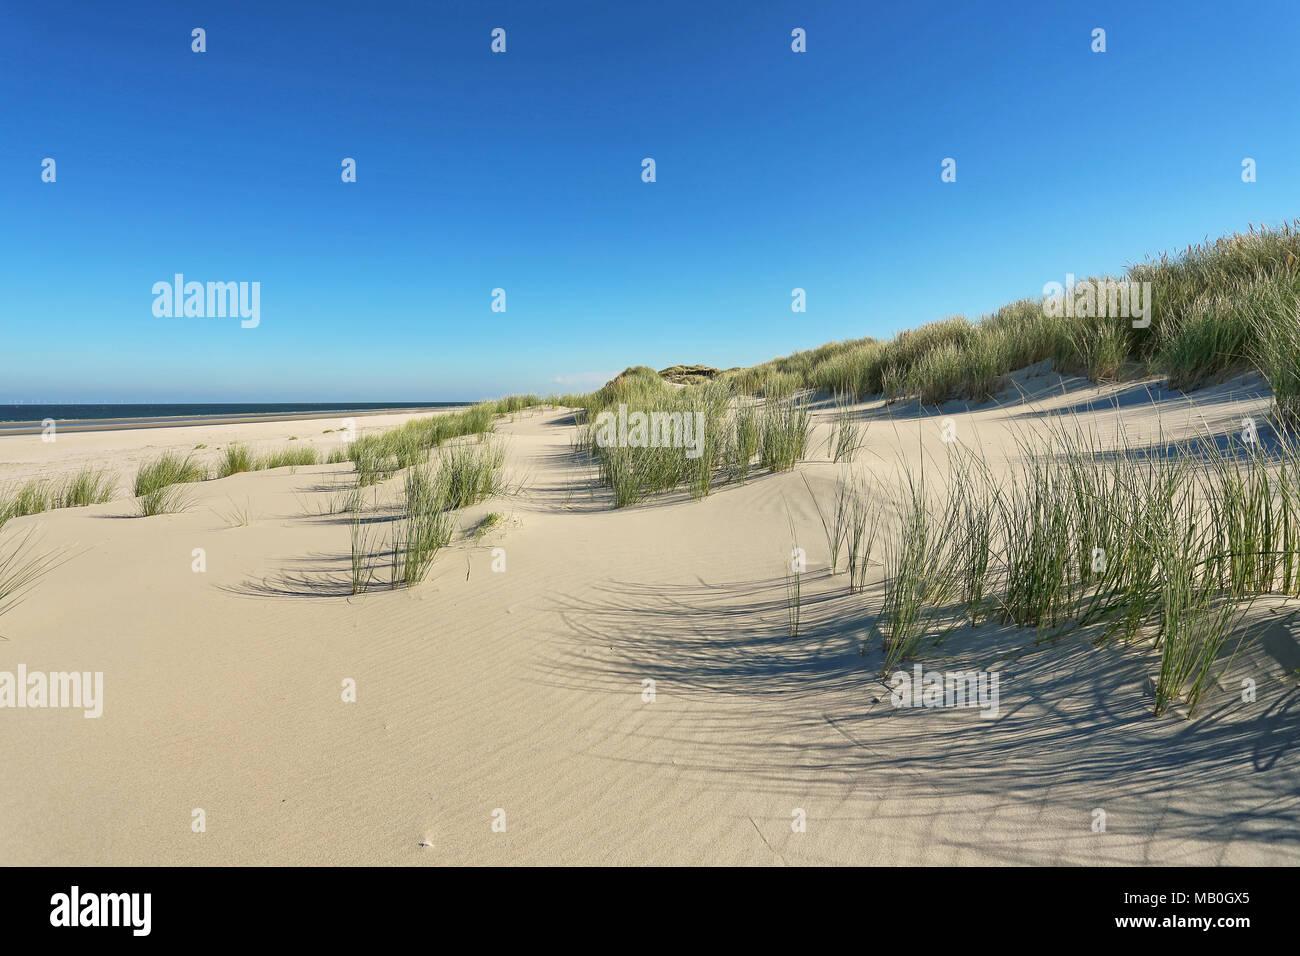 Coastal Dunes with Marram - Stock Image